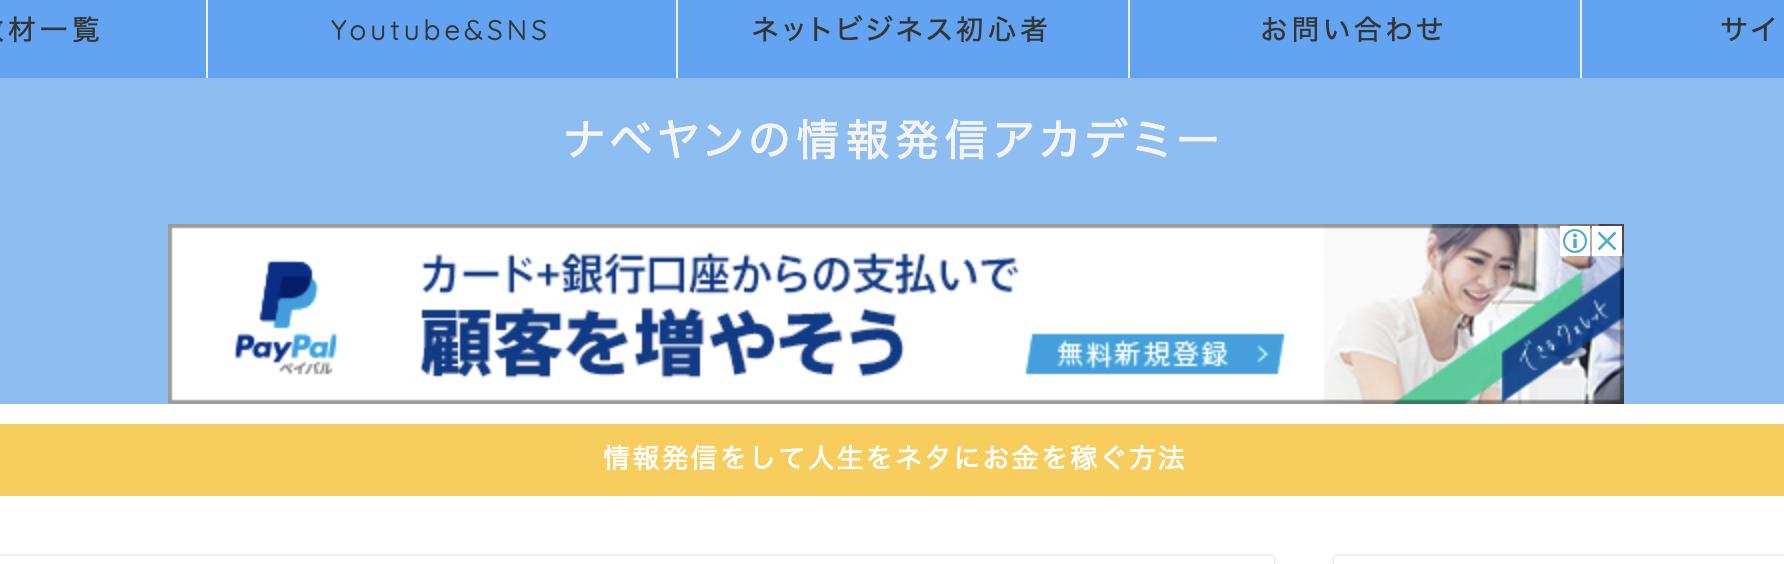 ナベヤンの情報発信アカデミーの自動広告